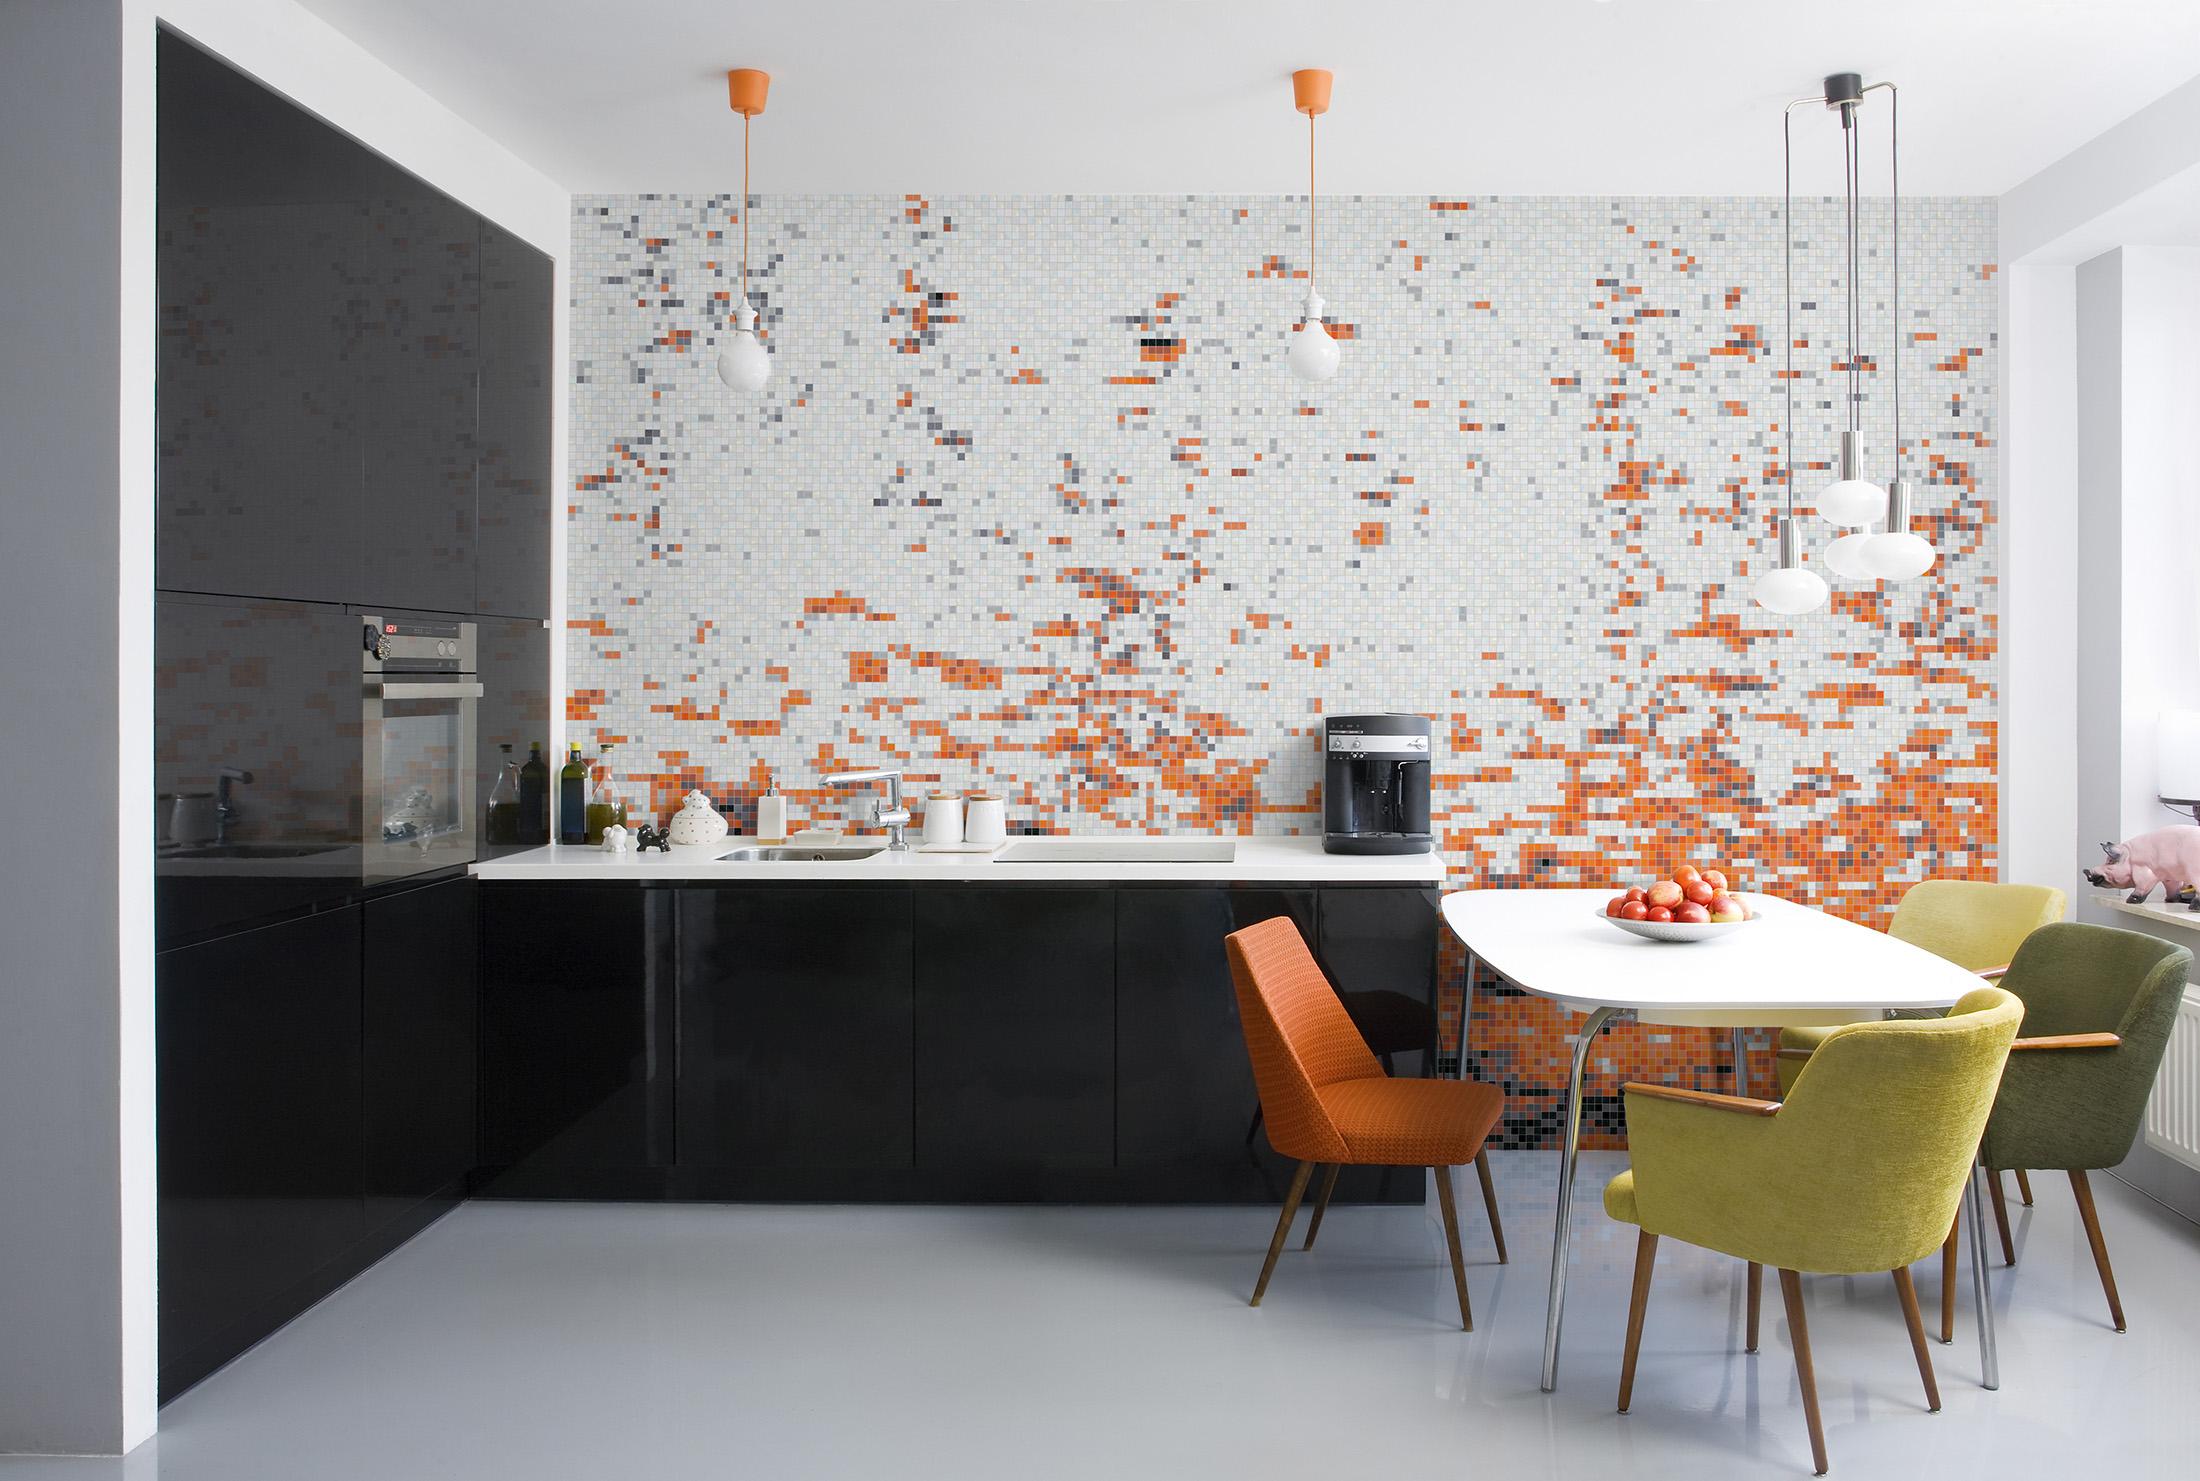 carbonation bright modern kitchen design kitchen tile designs Download Above Image